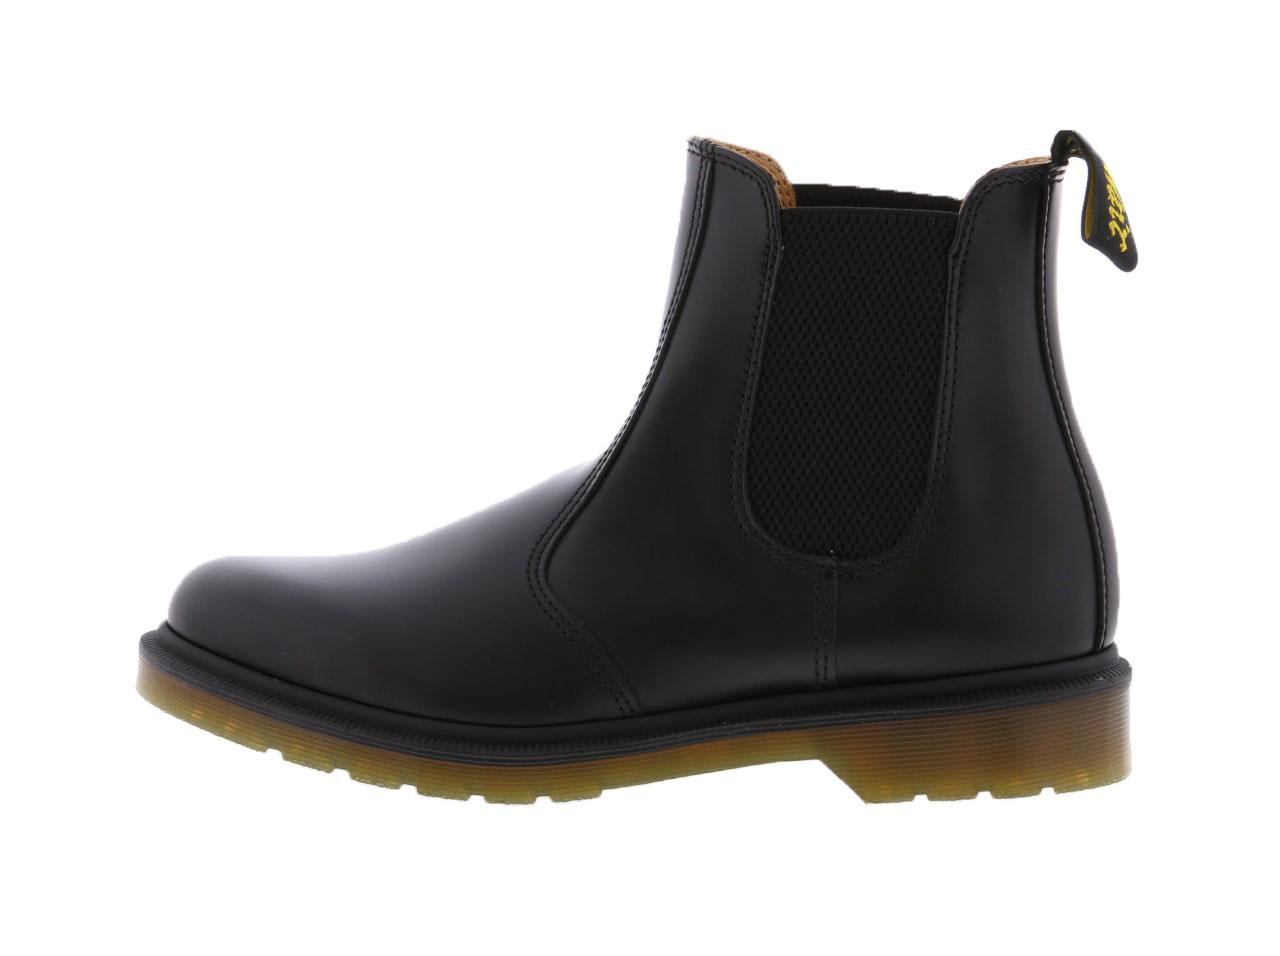 Dr.Martens 2976 CHELSEA BOOT(10297001)【ドクターマーチン】【メンズファッション】【シューズ】【ブーツ】【靴】【フットウェア】